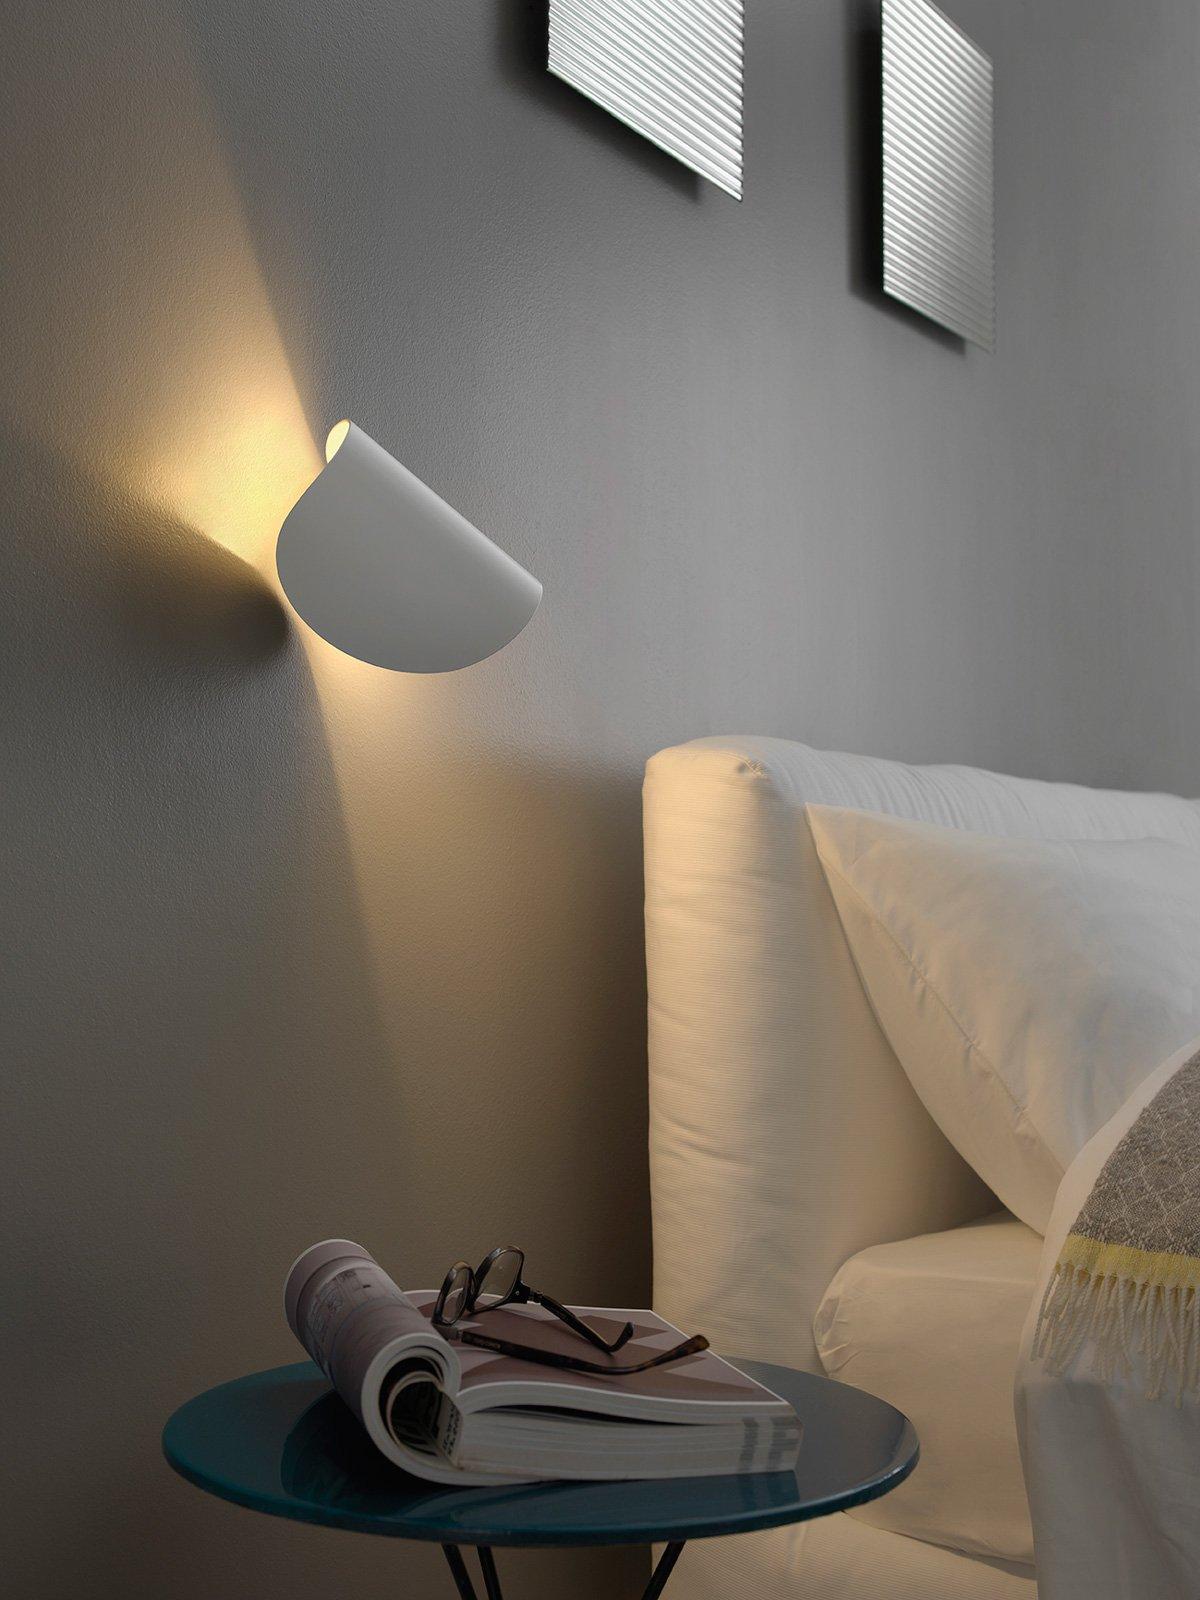 Applique Ikea Da Interno per la zona notte: abat jour da appoggio o applique? - cose